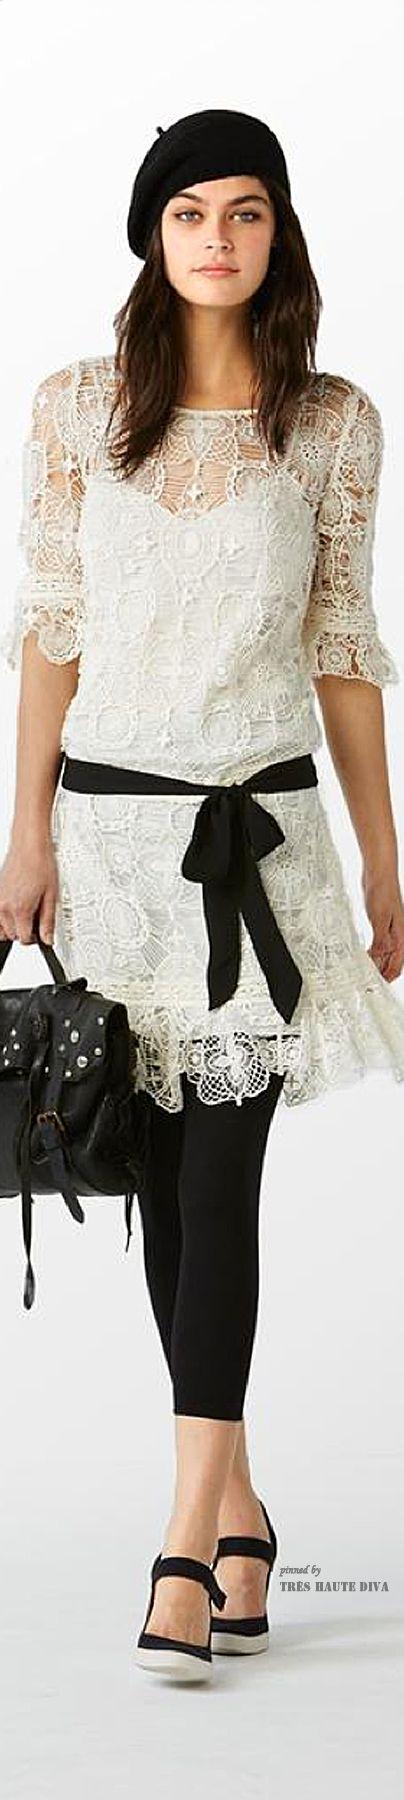 As boinas francesas trazem o famoso estilo caído de lado no qual é o seu charme e diferencial. Neste inverno o acessório será muito usado pelas mulheres, afim de quebrar o tal tabu de que mulheres não combinam com bonés entre outros acessórios que se trata de chapéus.